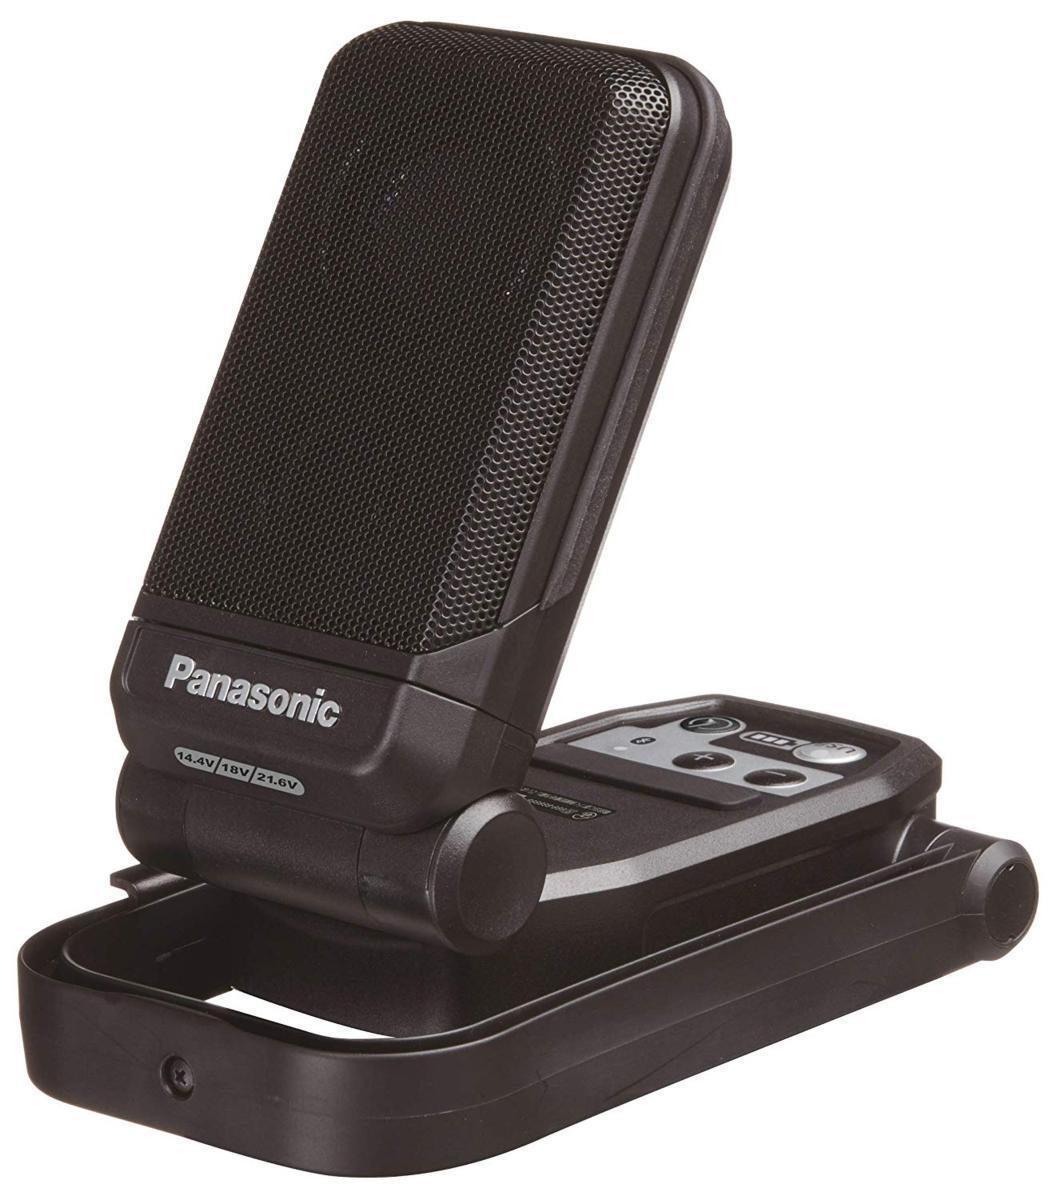 パナソニック EZ37C5-B 黒 bluetoothコンパクトワイヤレススピーカー 本体のみ 14.4V/18V/21.6V対応 アウトドア 持ち運び_画像1